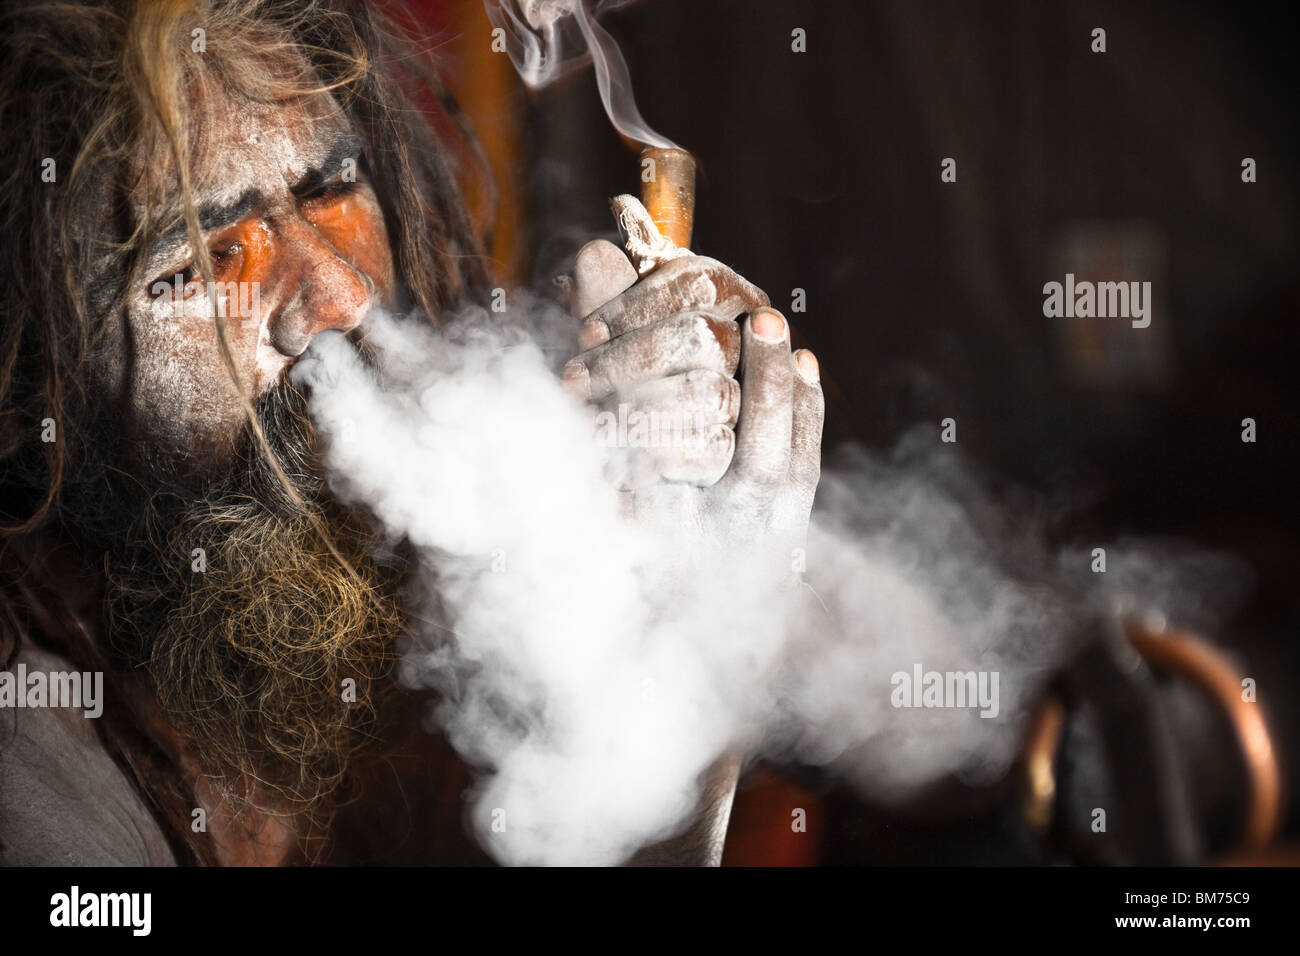 Naga sadus während der haridwar Kumbh mela 2010. Indien Stockbild